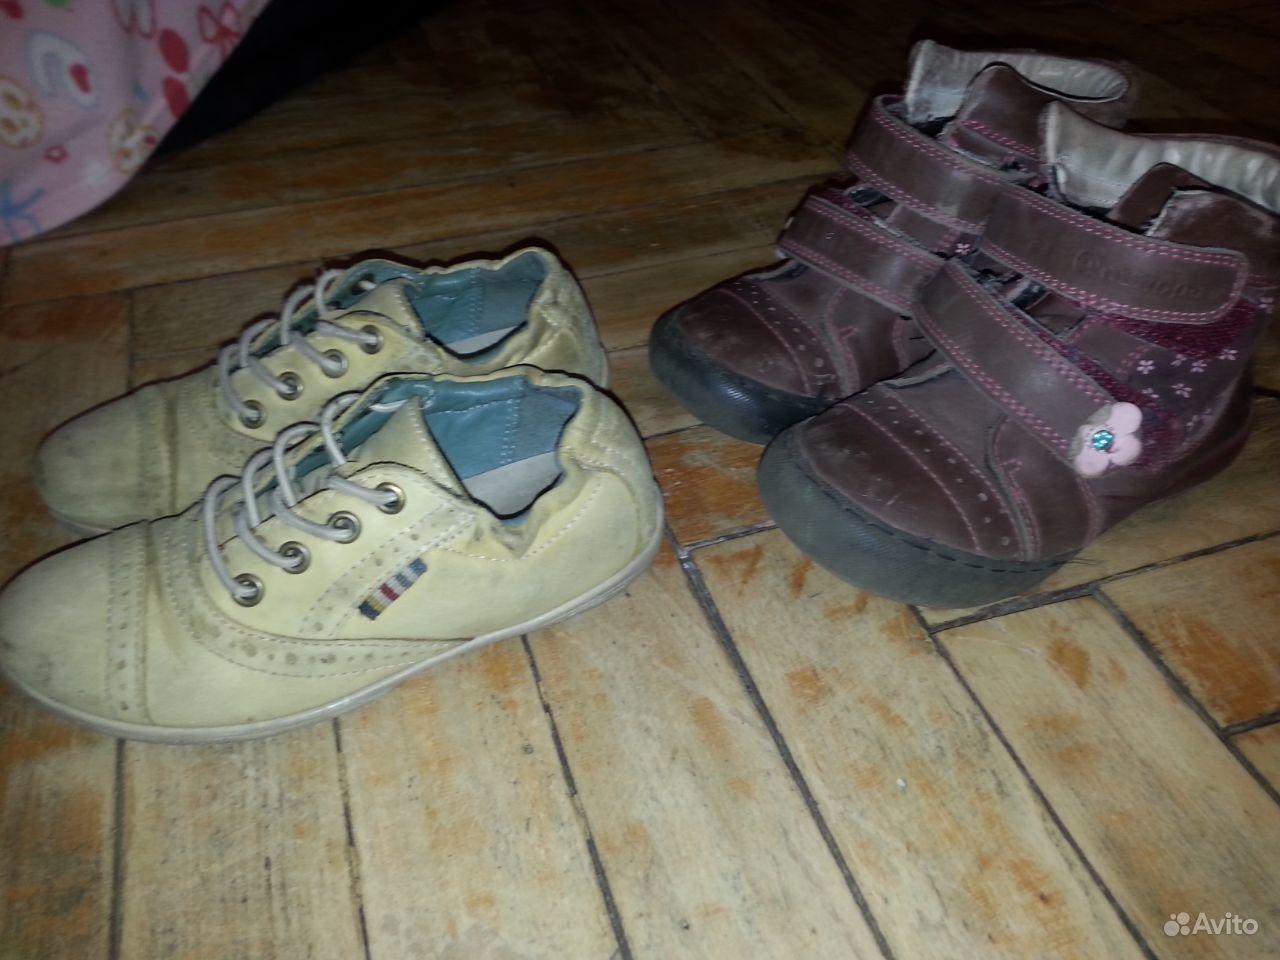 e6e635cb8f51 Туфли лабутены - Девушка не снимает туфли во время секса